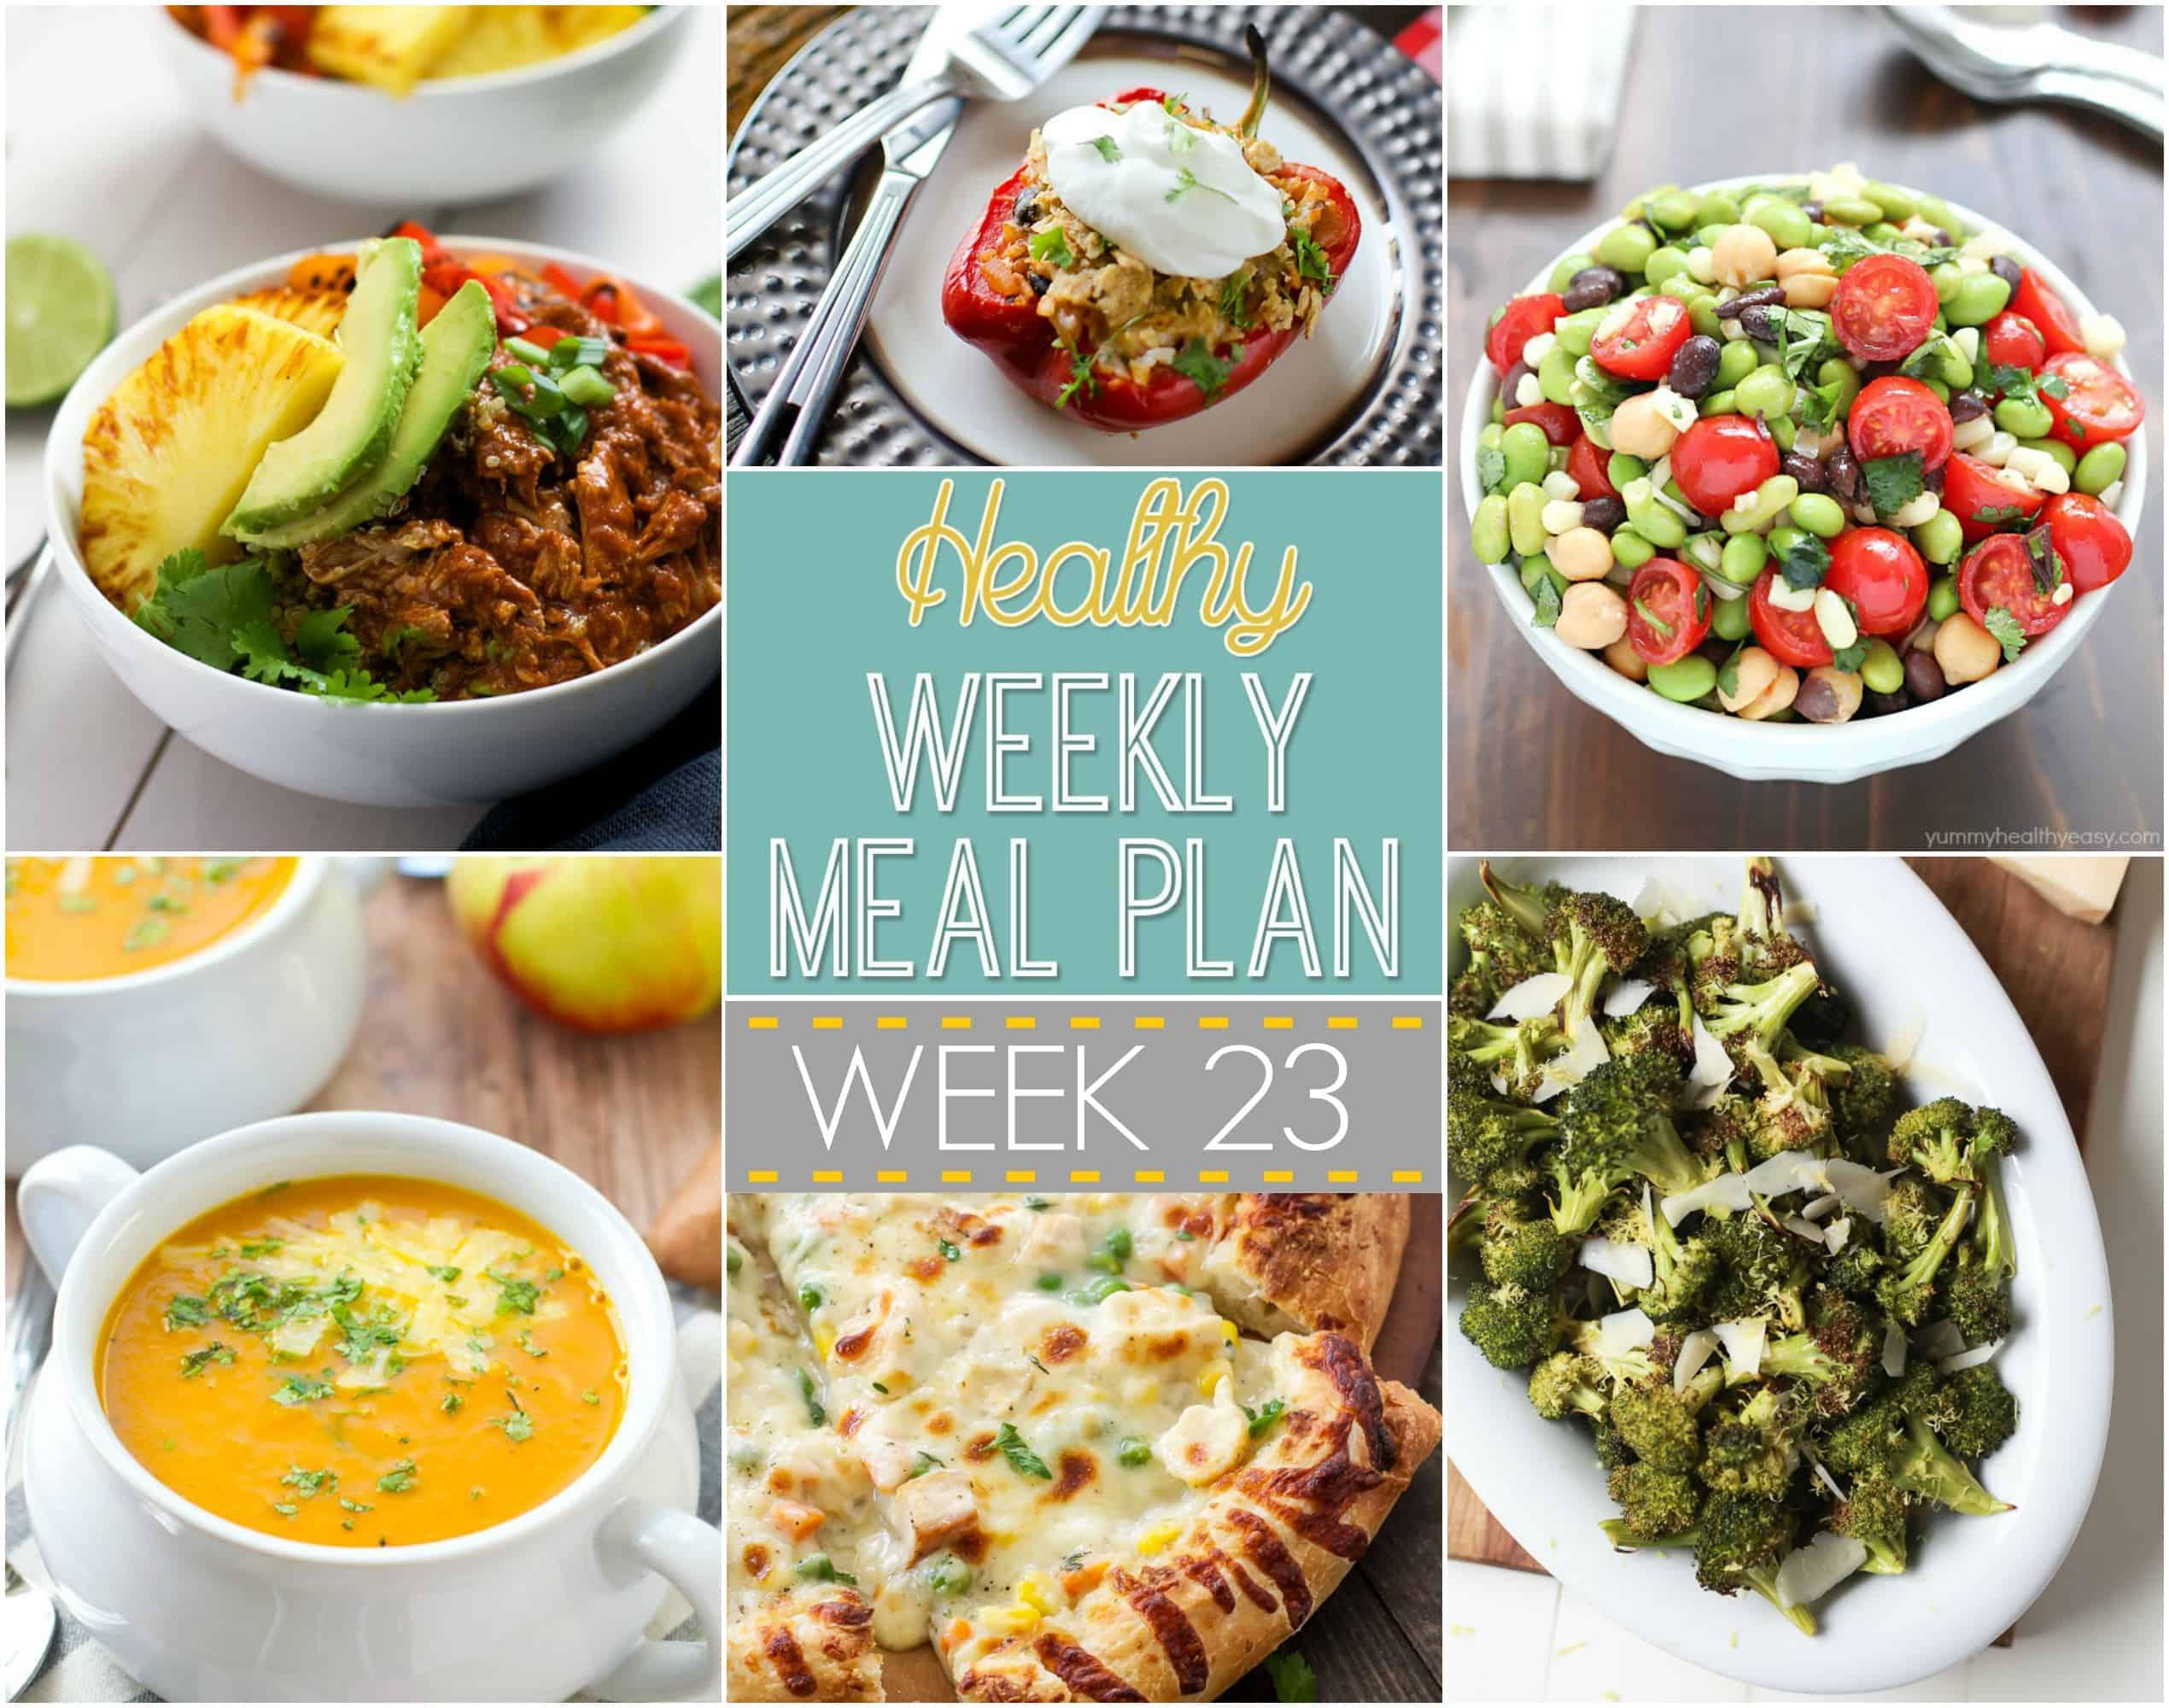 Healthy Weekly Meal Plan Week 23